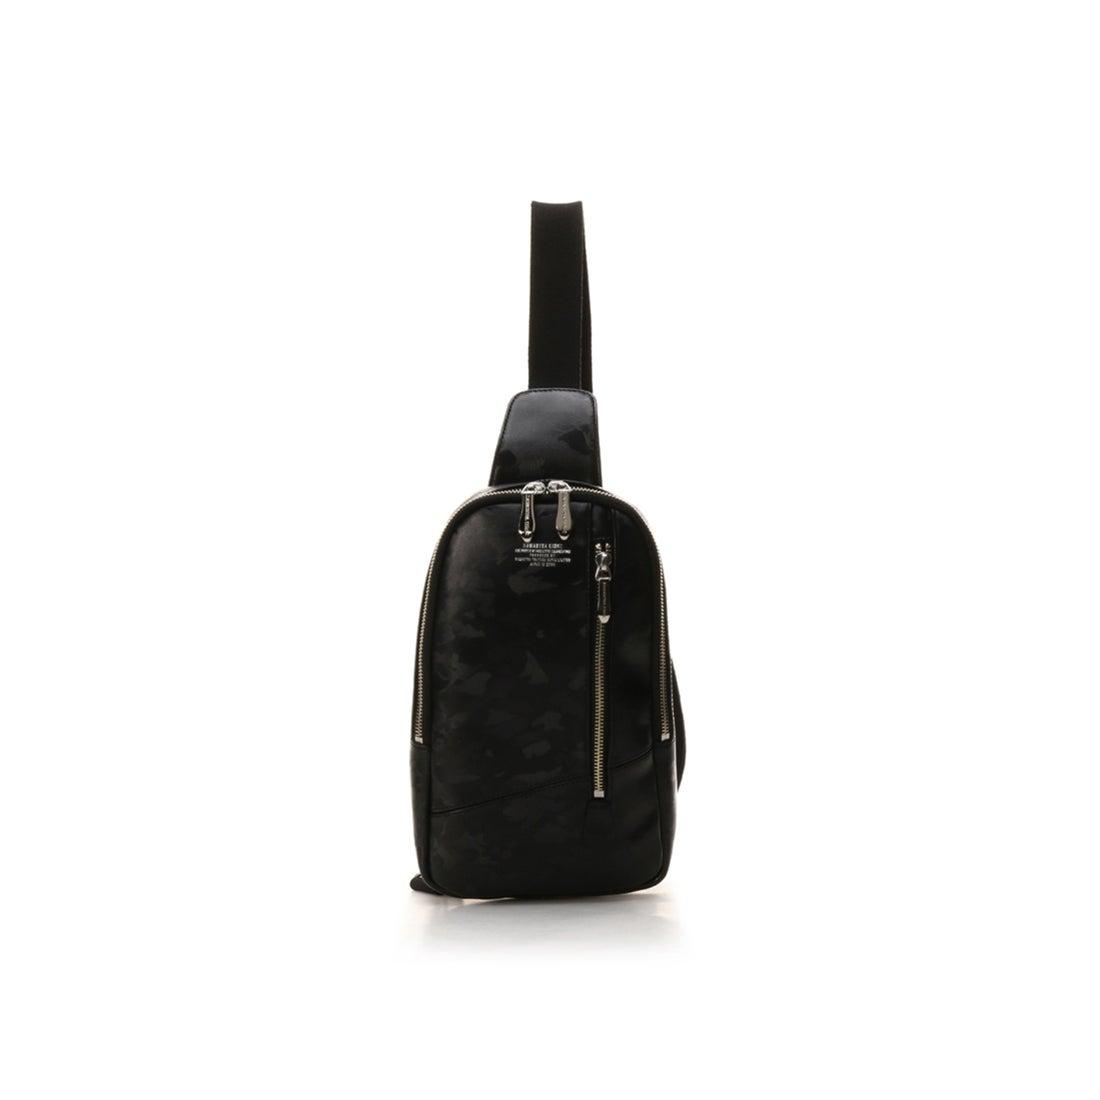 ロコンド 靴とファッションの通販サイトサマンサキングズカモフラレザーボディBAG(ブラック)